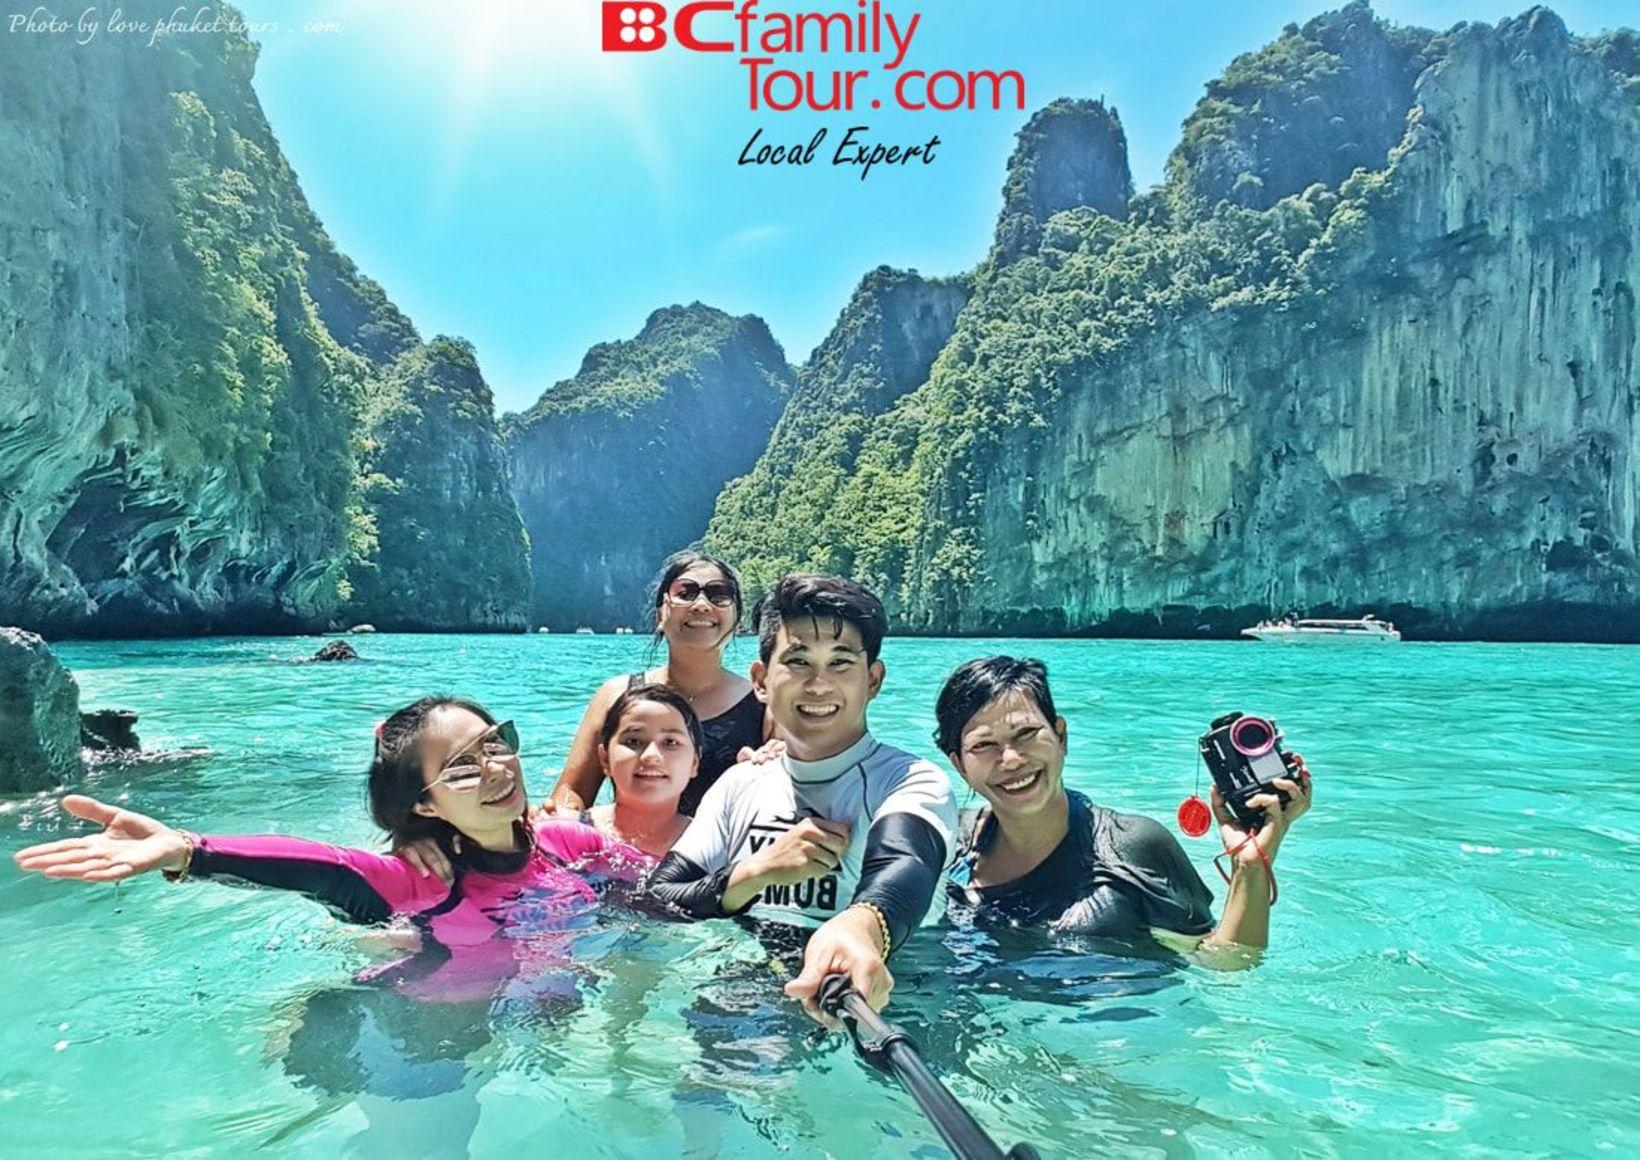 BC Family Tour Public Review